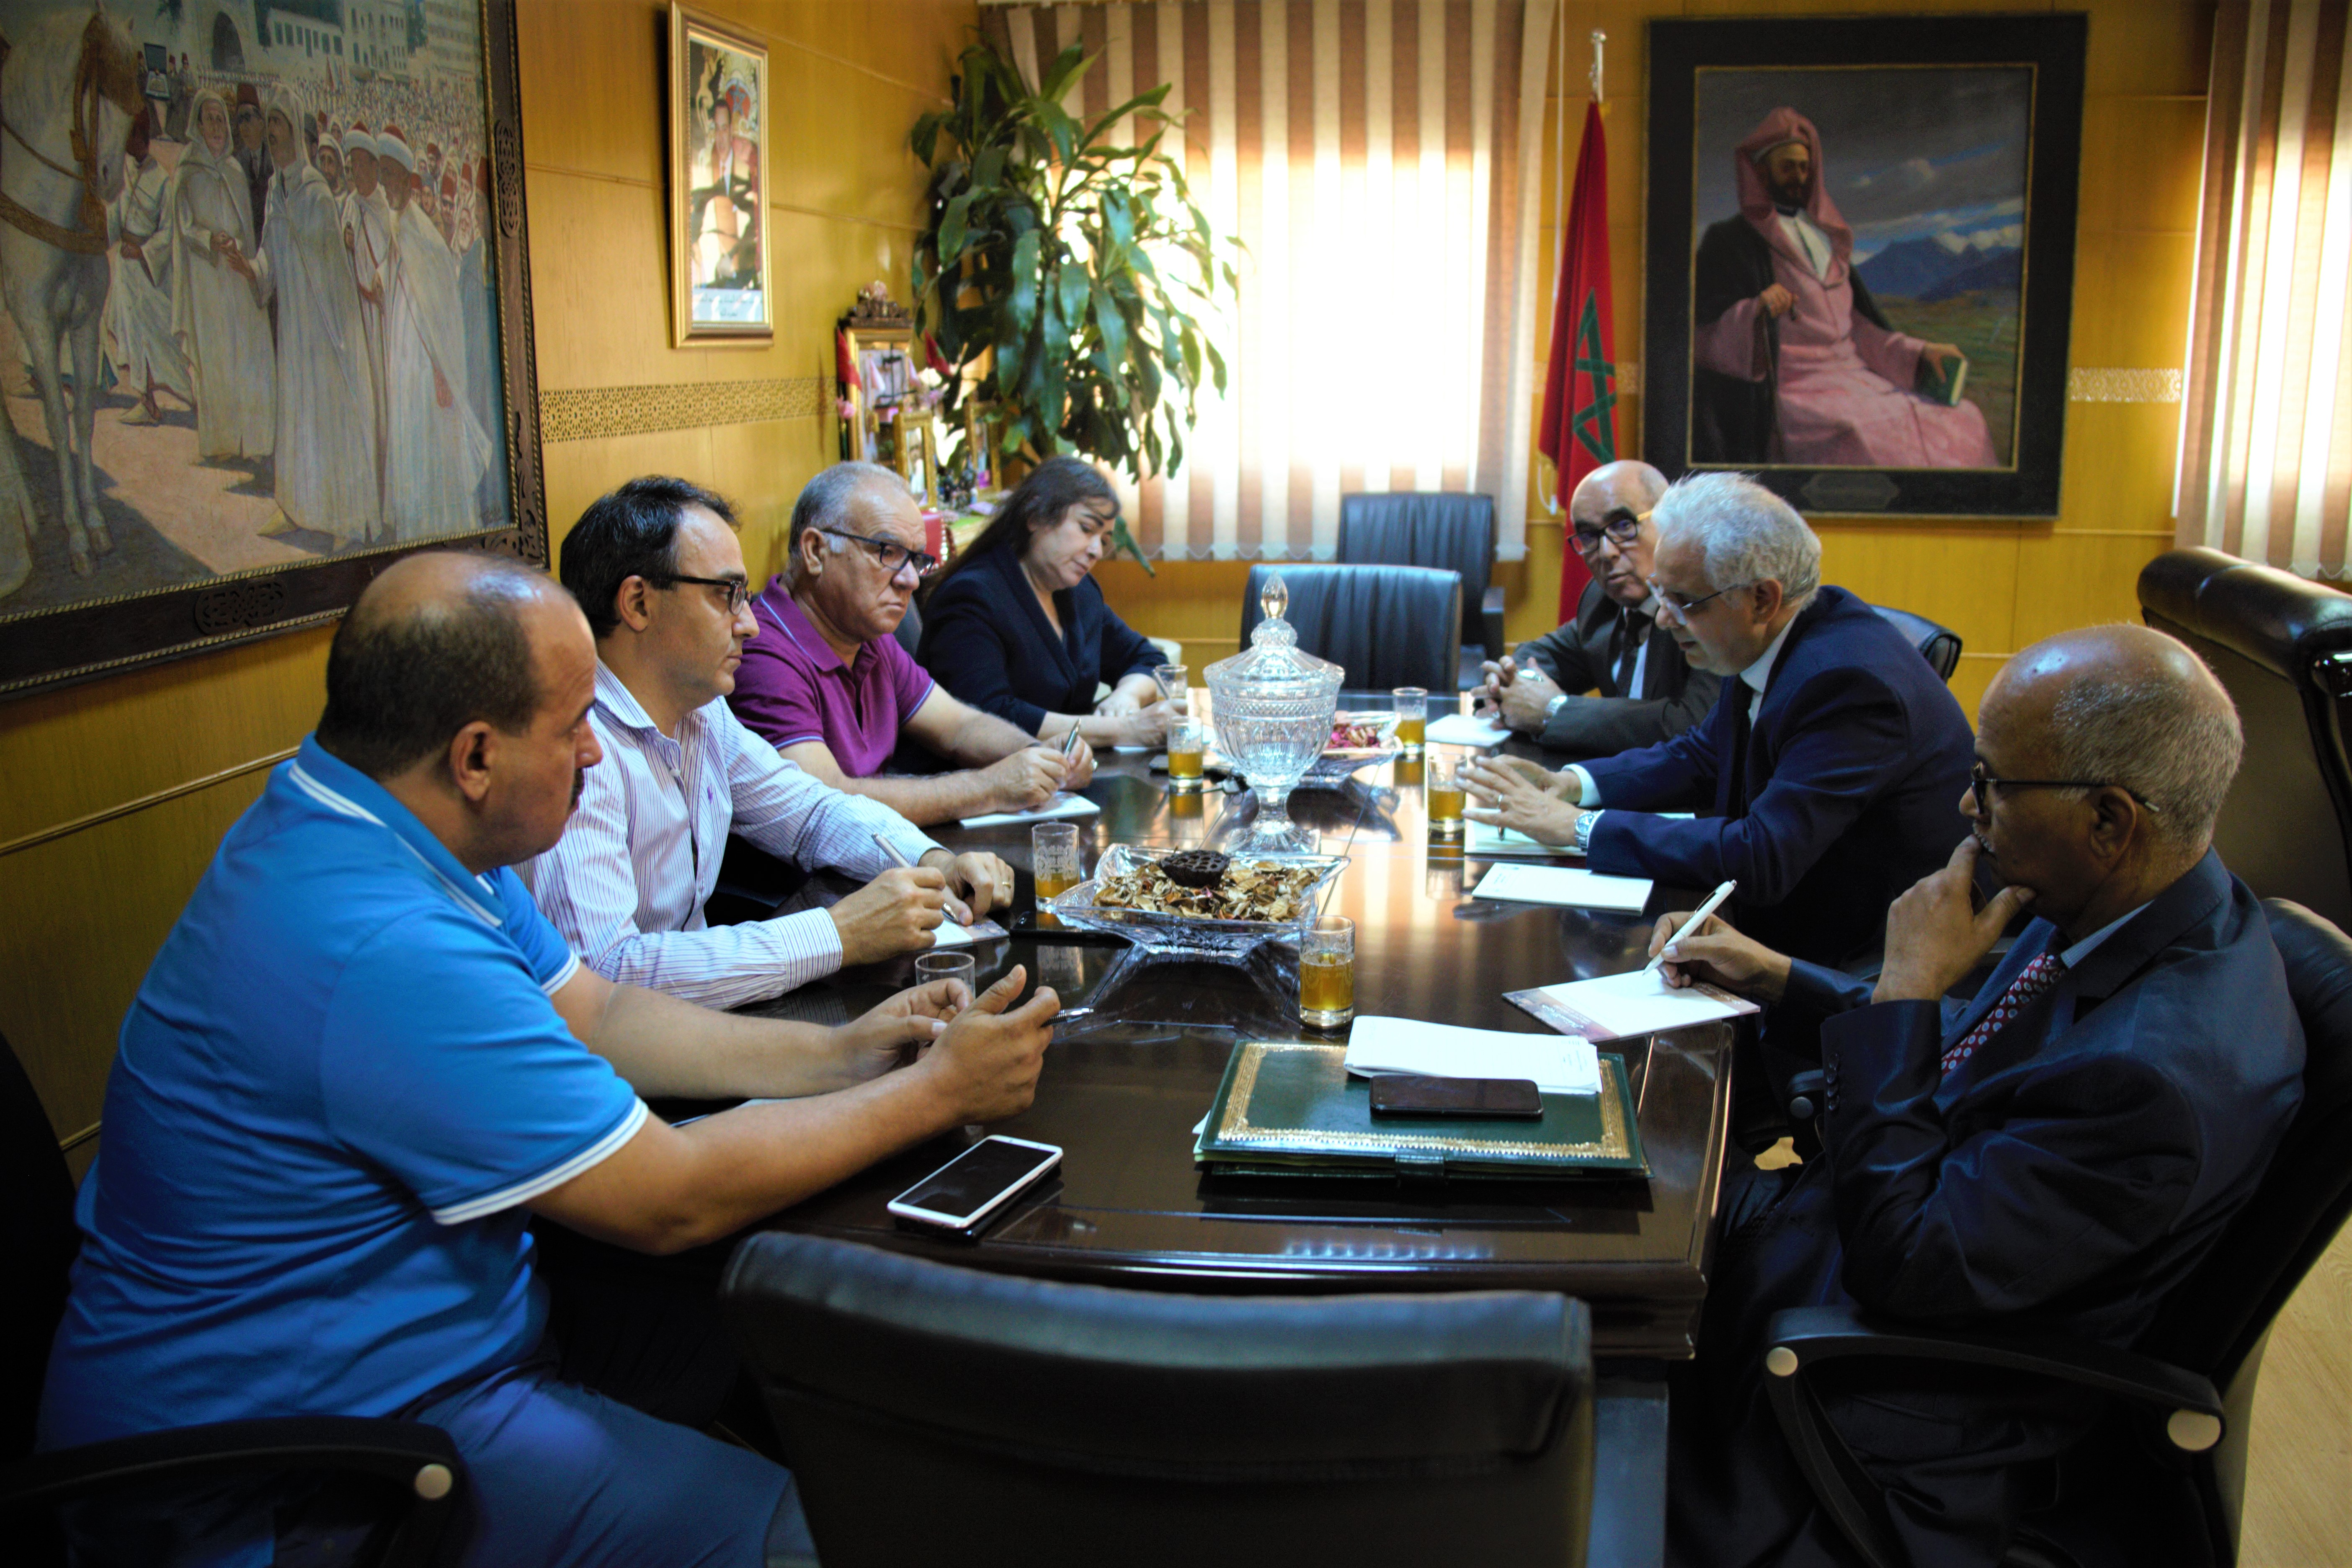 الأمين العام لحزب الاستقلال يترأس اجتماع لجنة تنسيق وتطوير العمل الحزبي بالمدن الكبرى